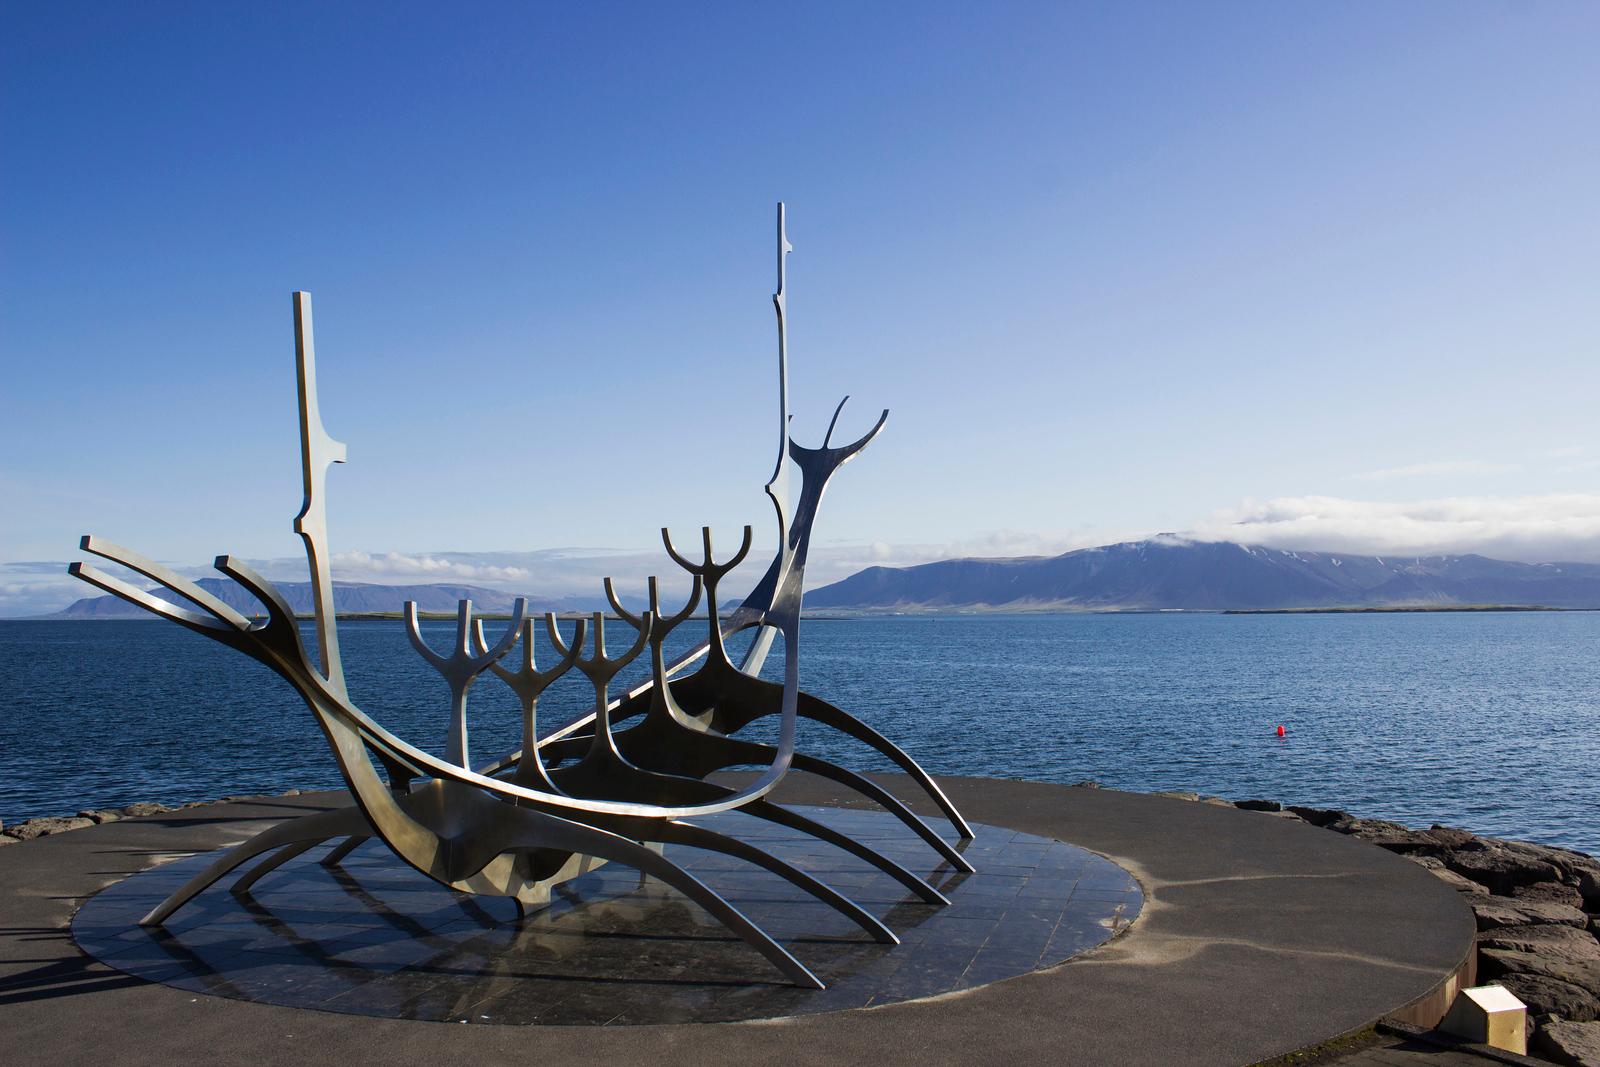 Reykjavik Travel Vlog - A Day in Reykjavik